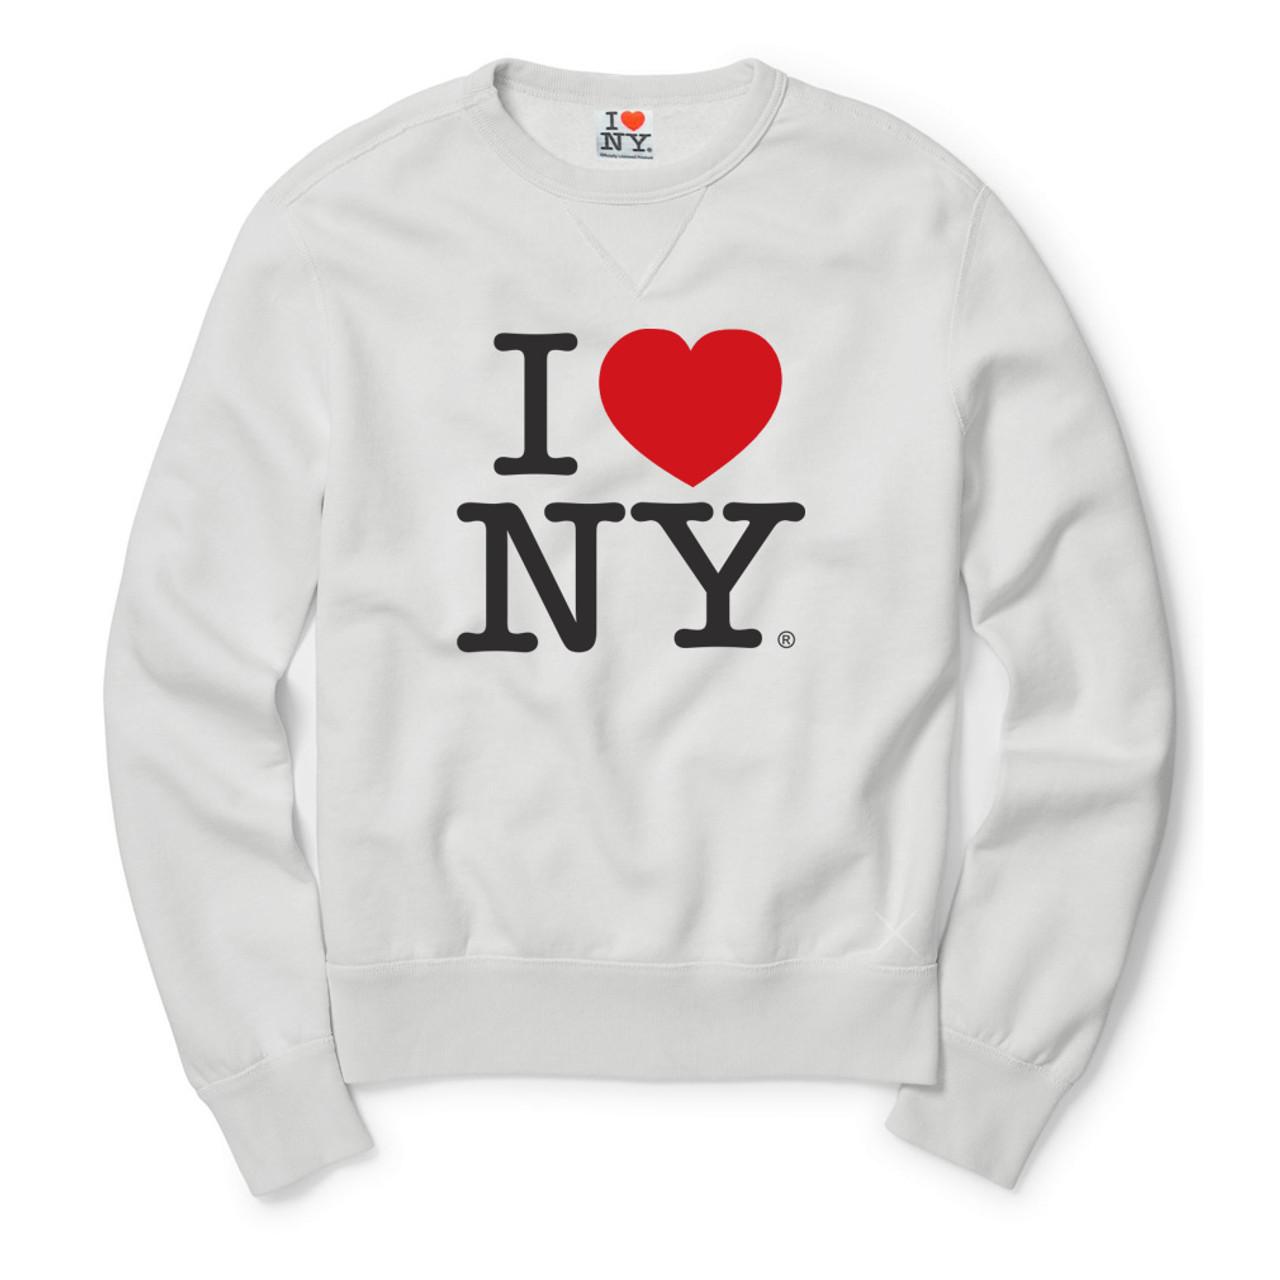 Youth i love ny sweatshirts in xs l youth i love ny sweatshirt altavistaventures Choice Image